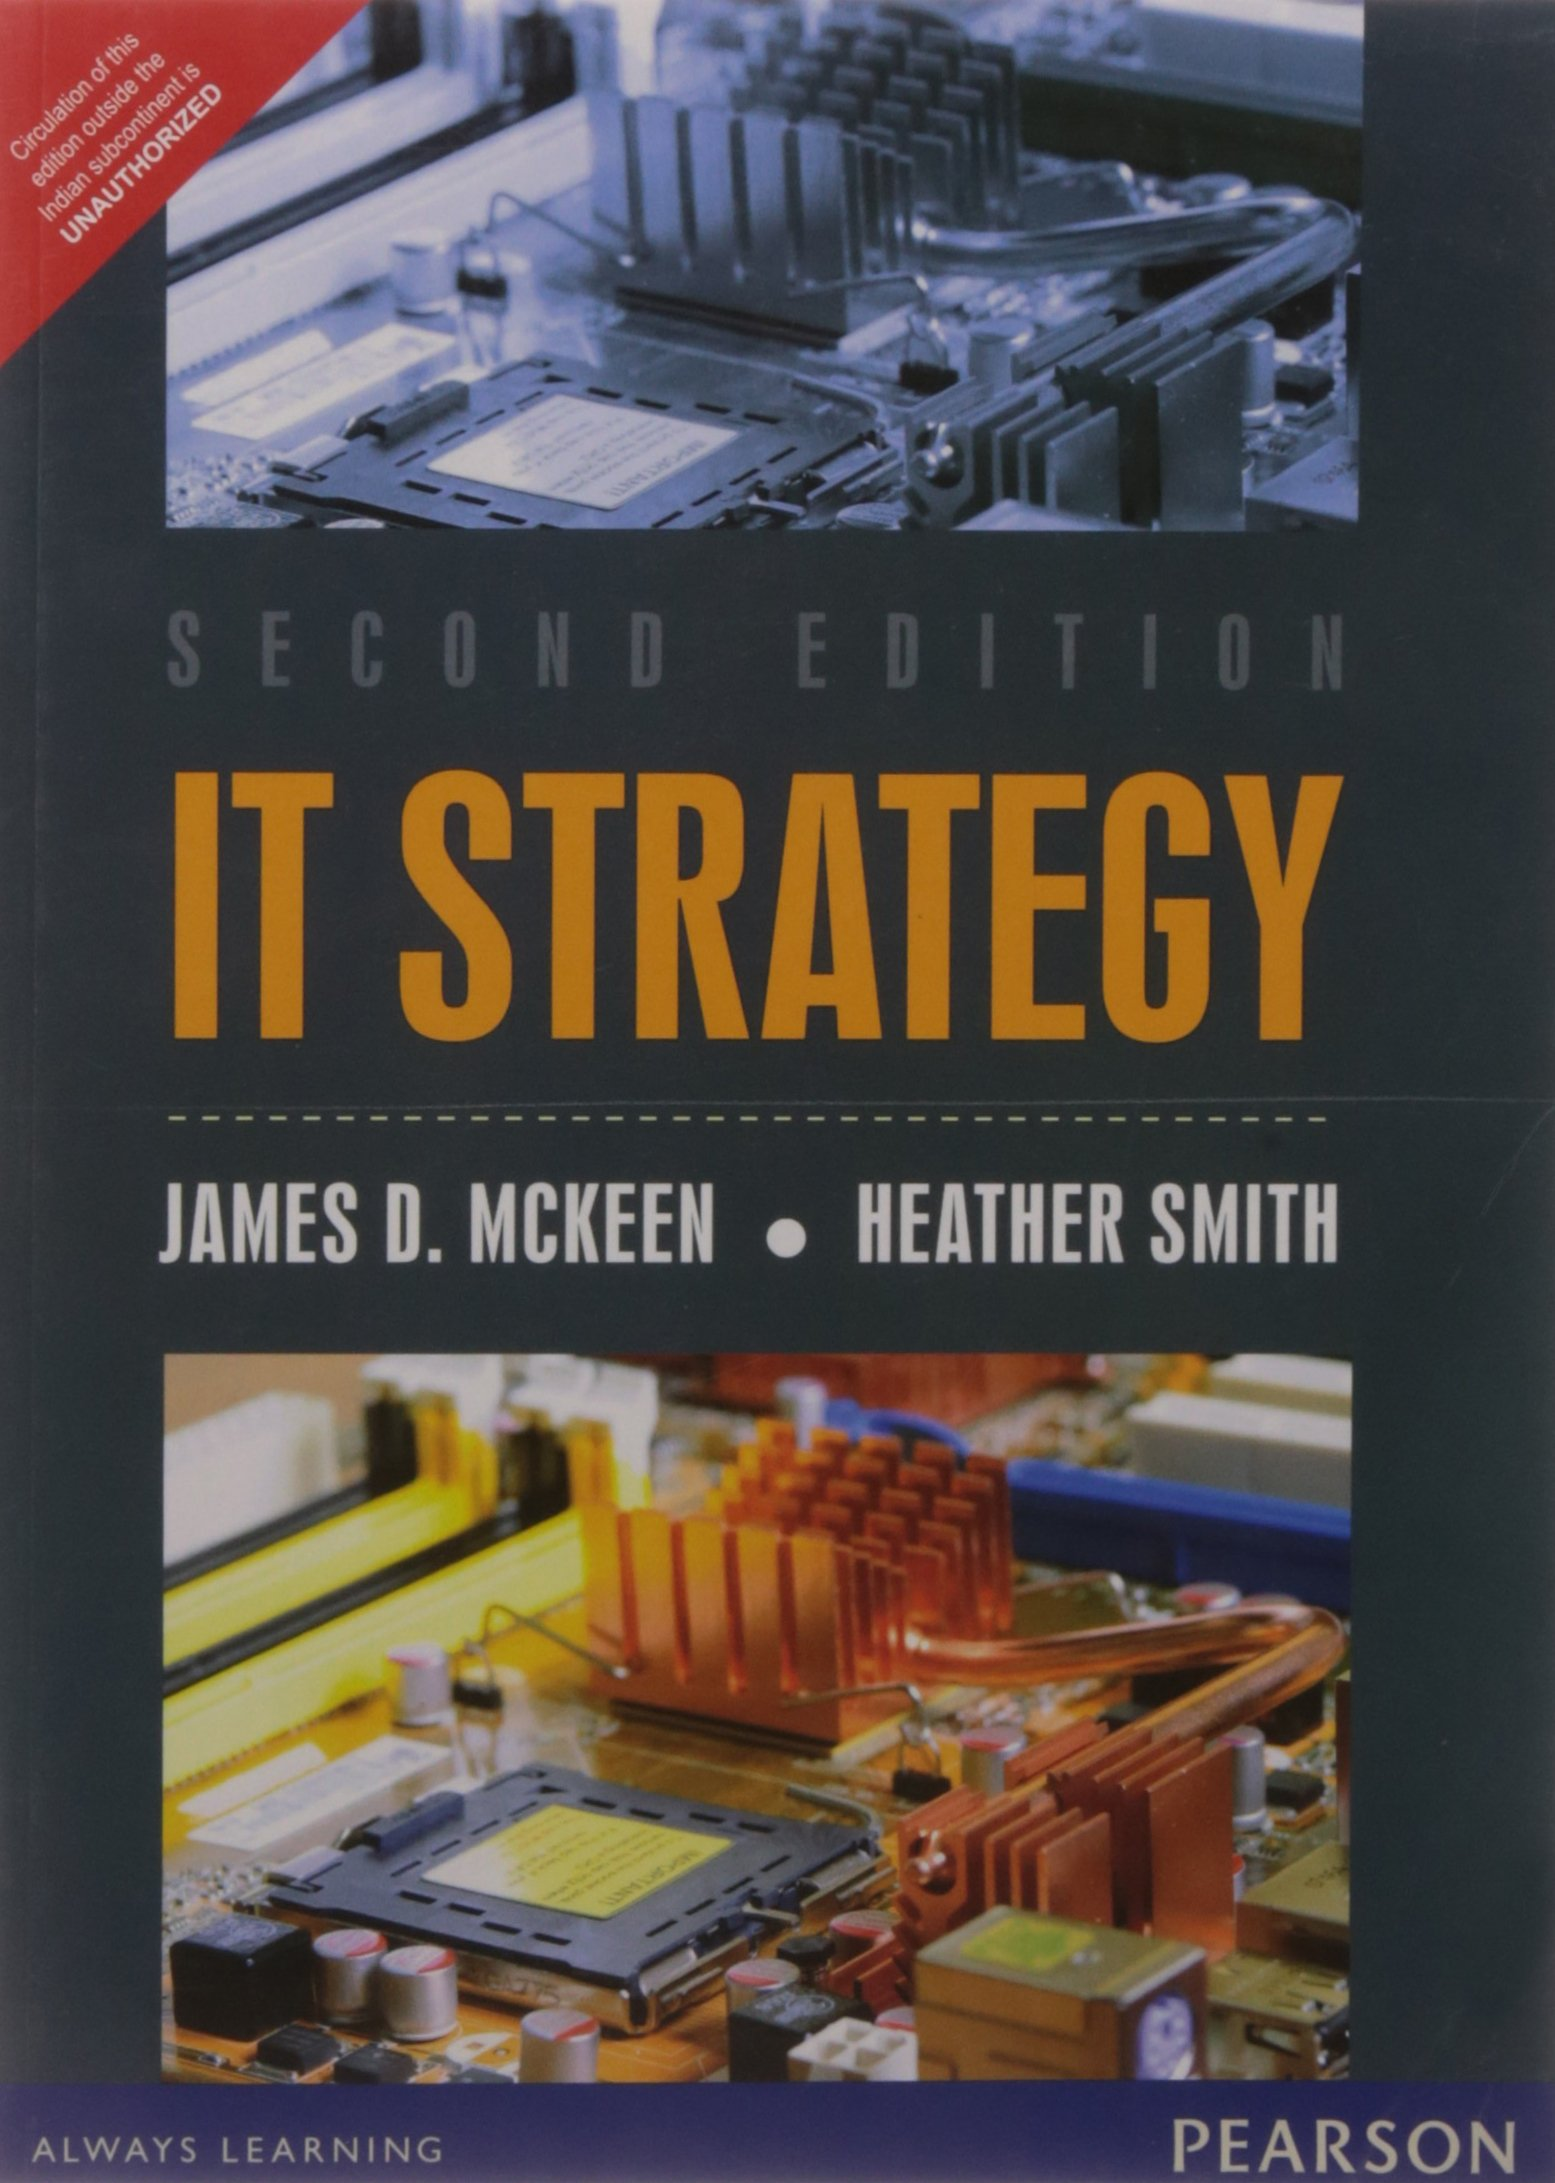 It Strategy ebook